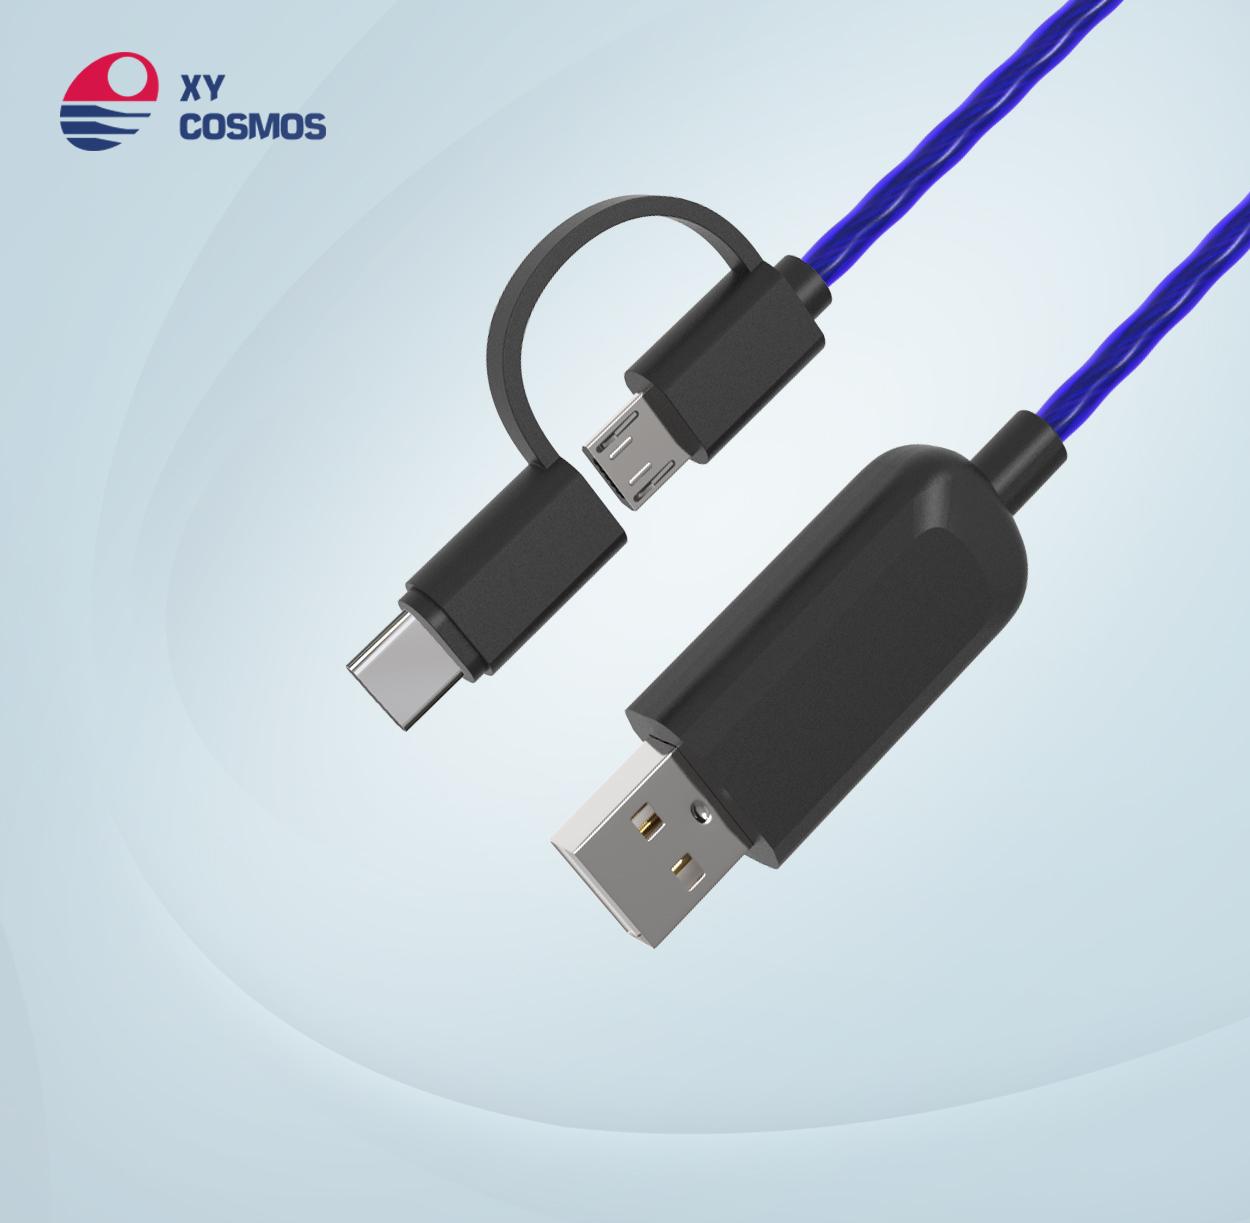 湘元宇二合一流光线数据线适用苹果iPhone Type-c追光发光线 el发光数据线